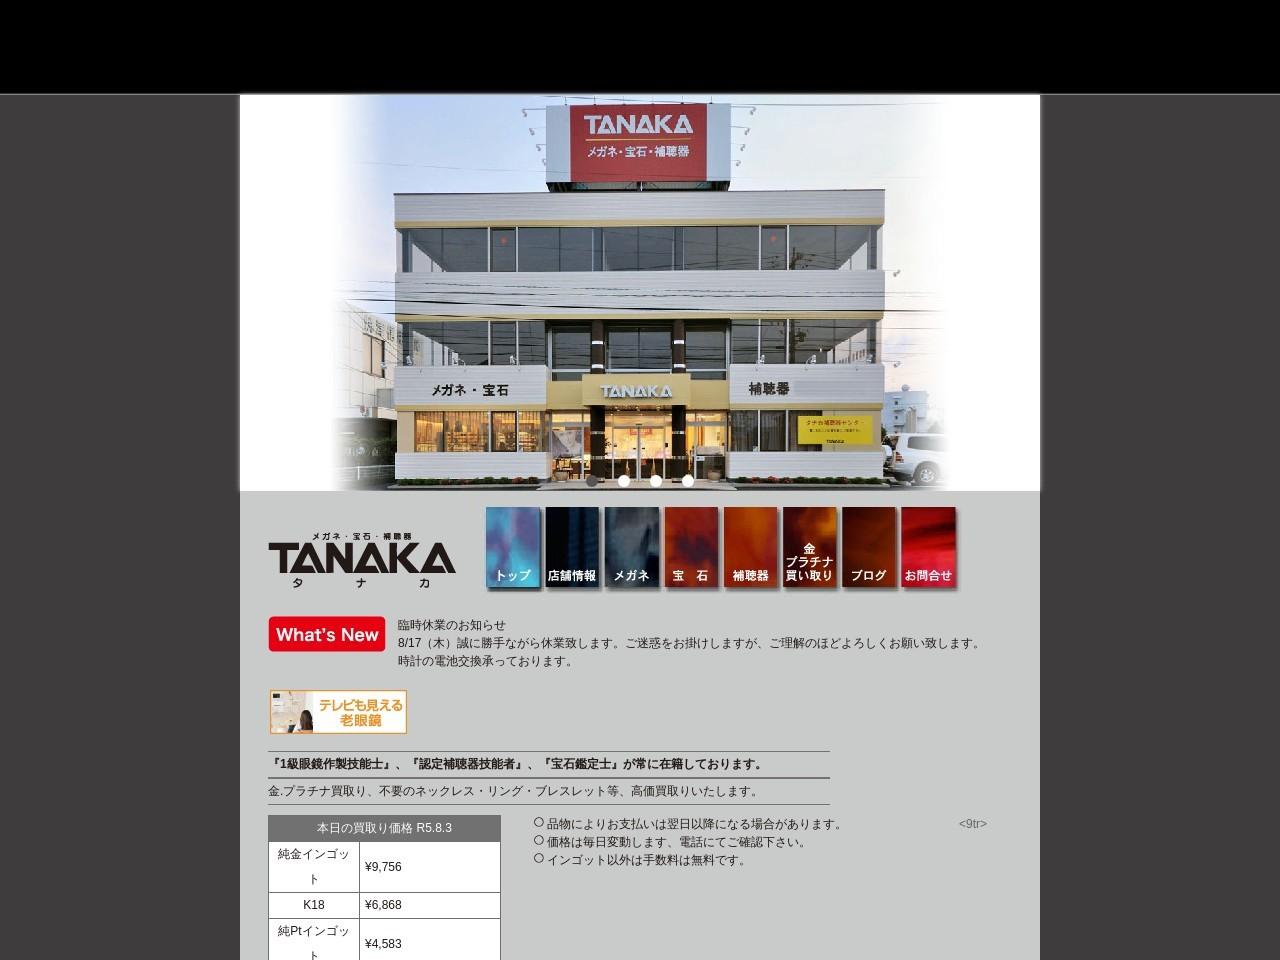 メガネ・宝石・補聴器 TANAKA